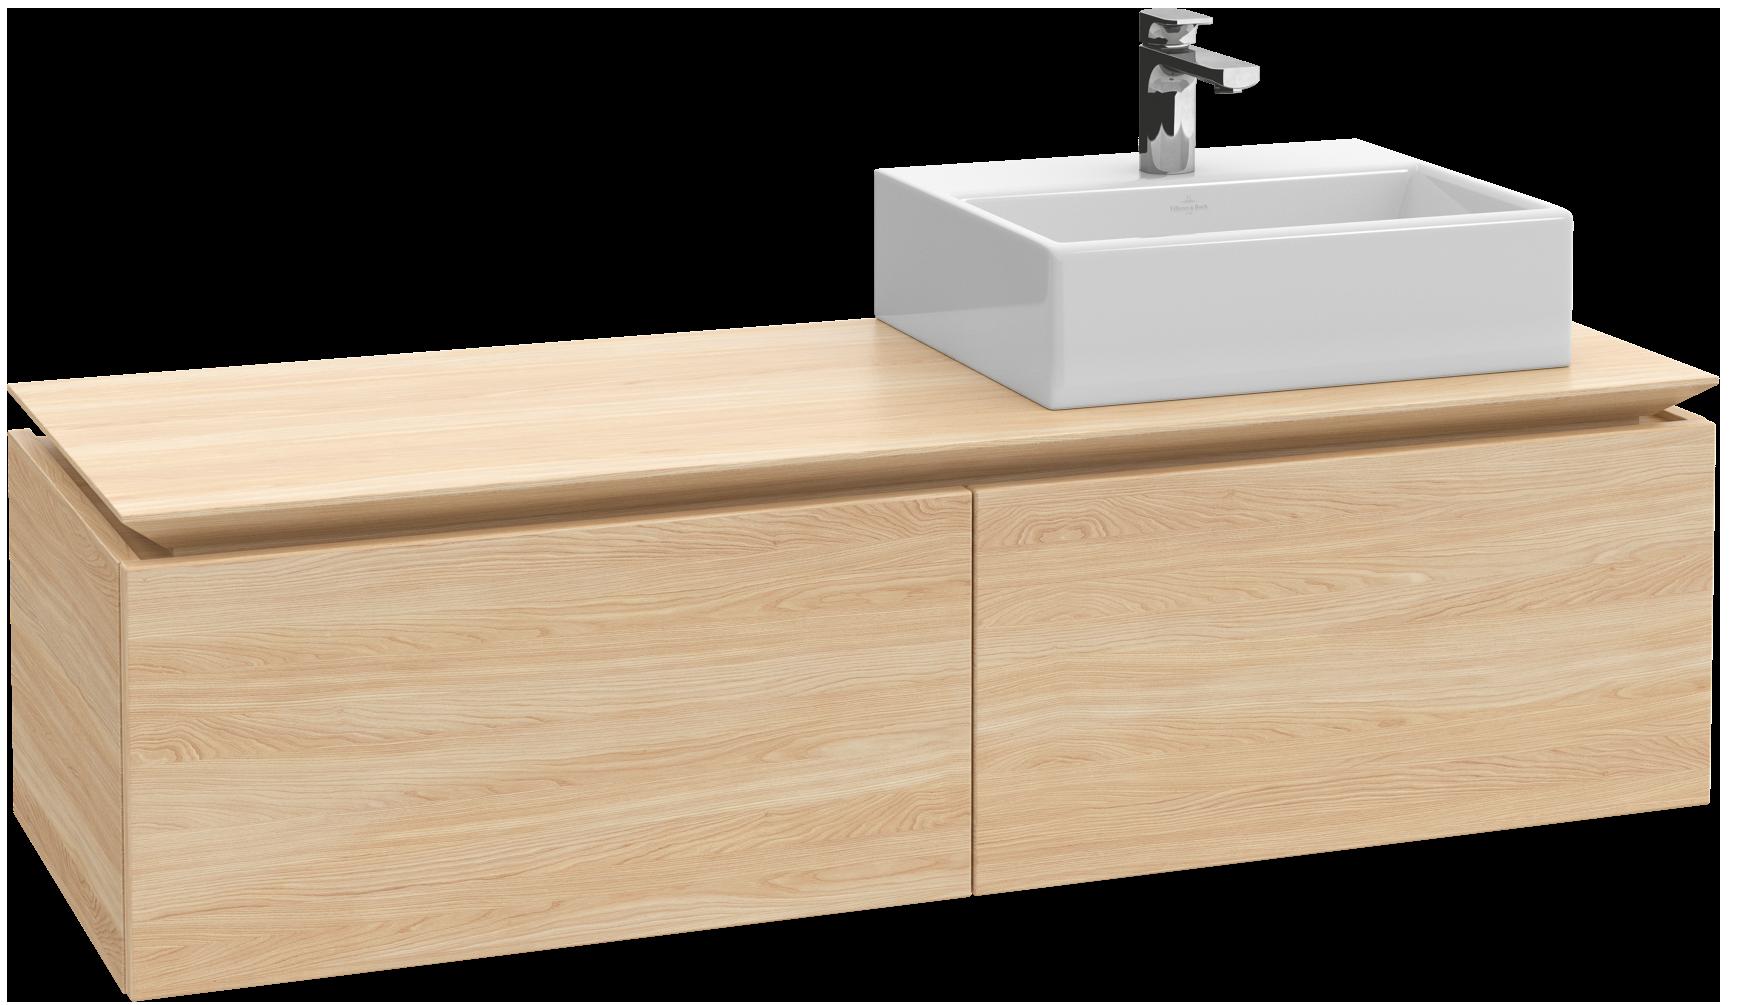 Legato Waschtischunterschrank B11900 - Villeroy & Boch